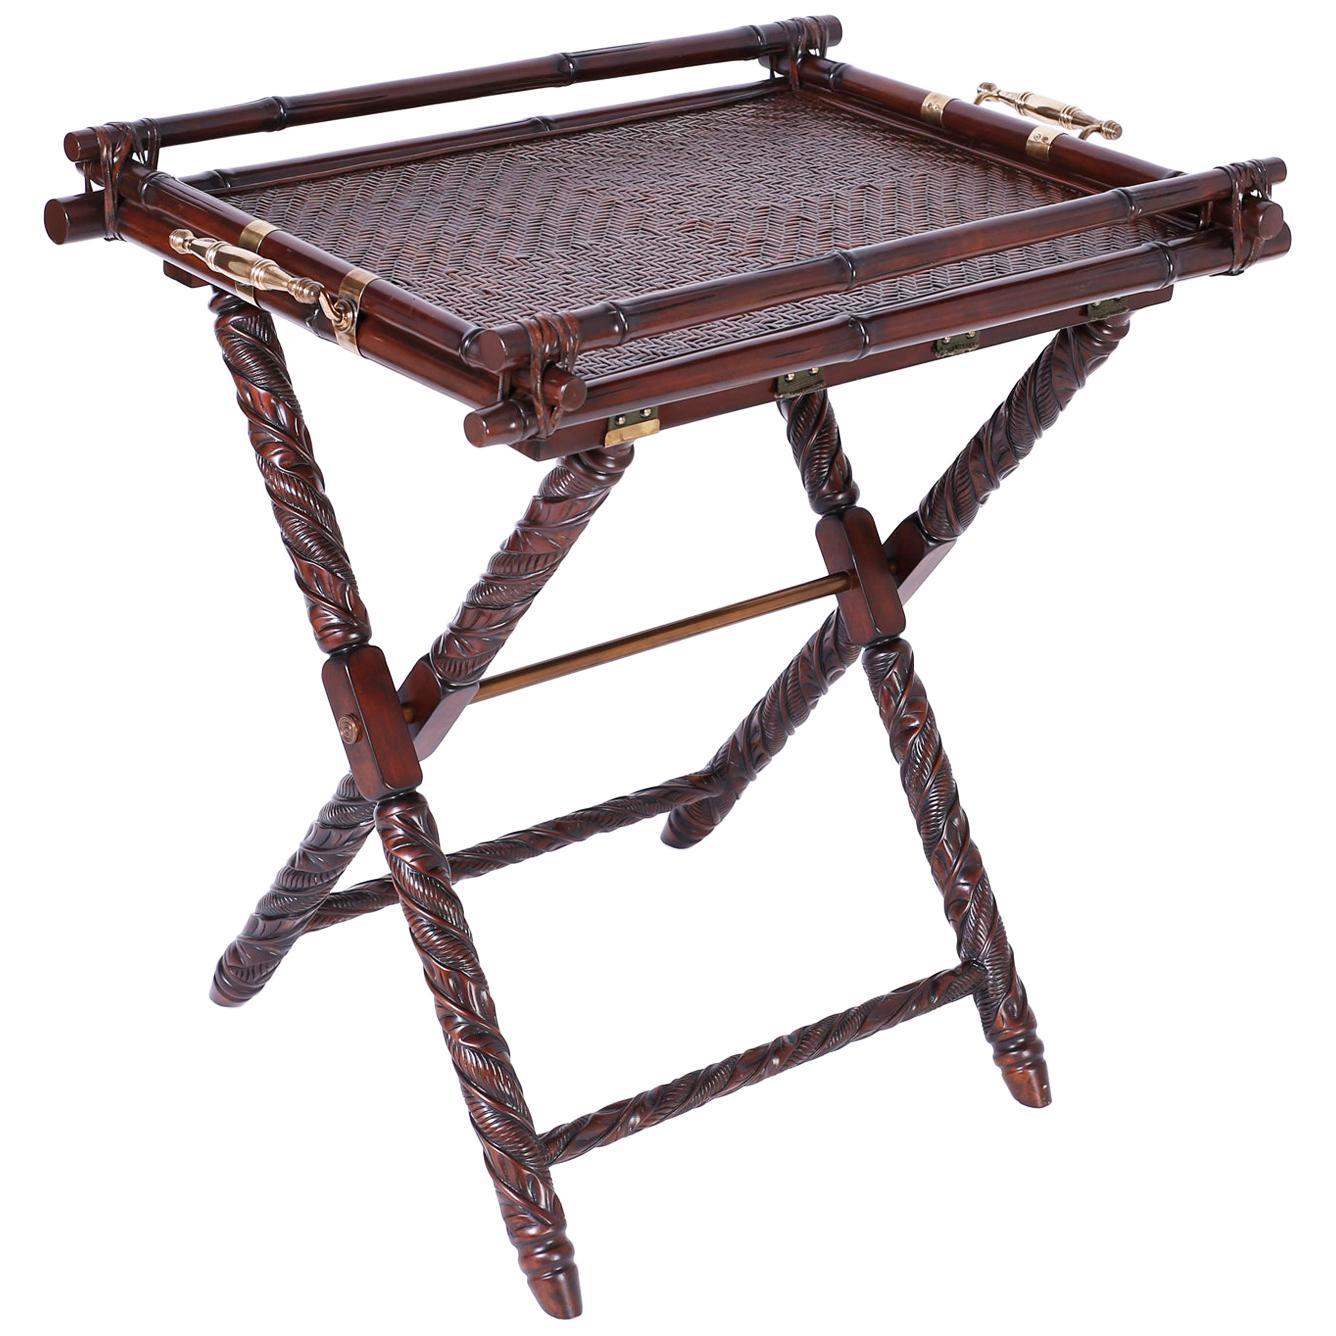 Butler Tray Table or Bar